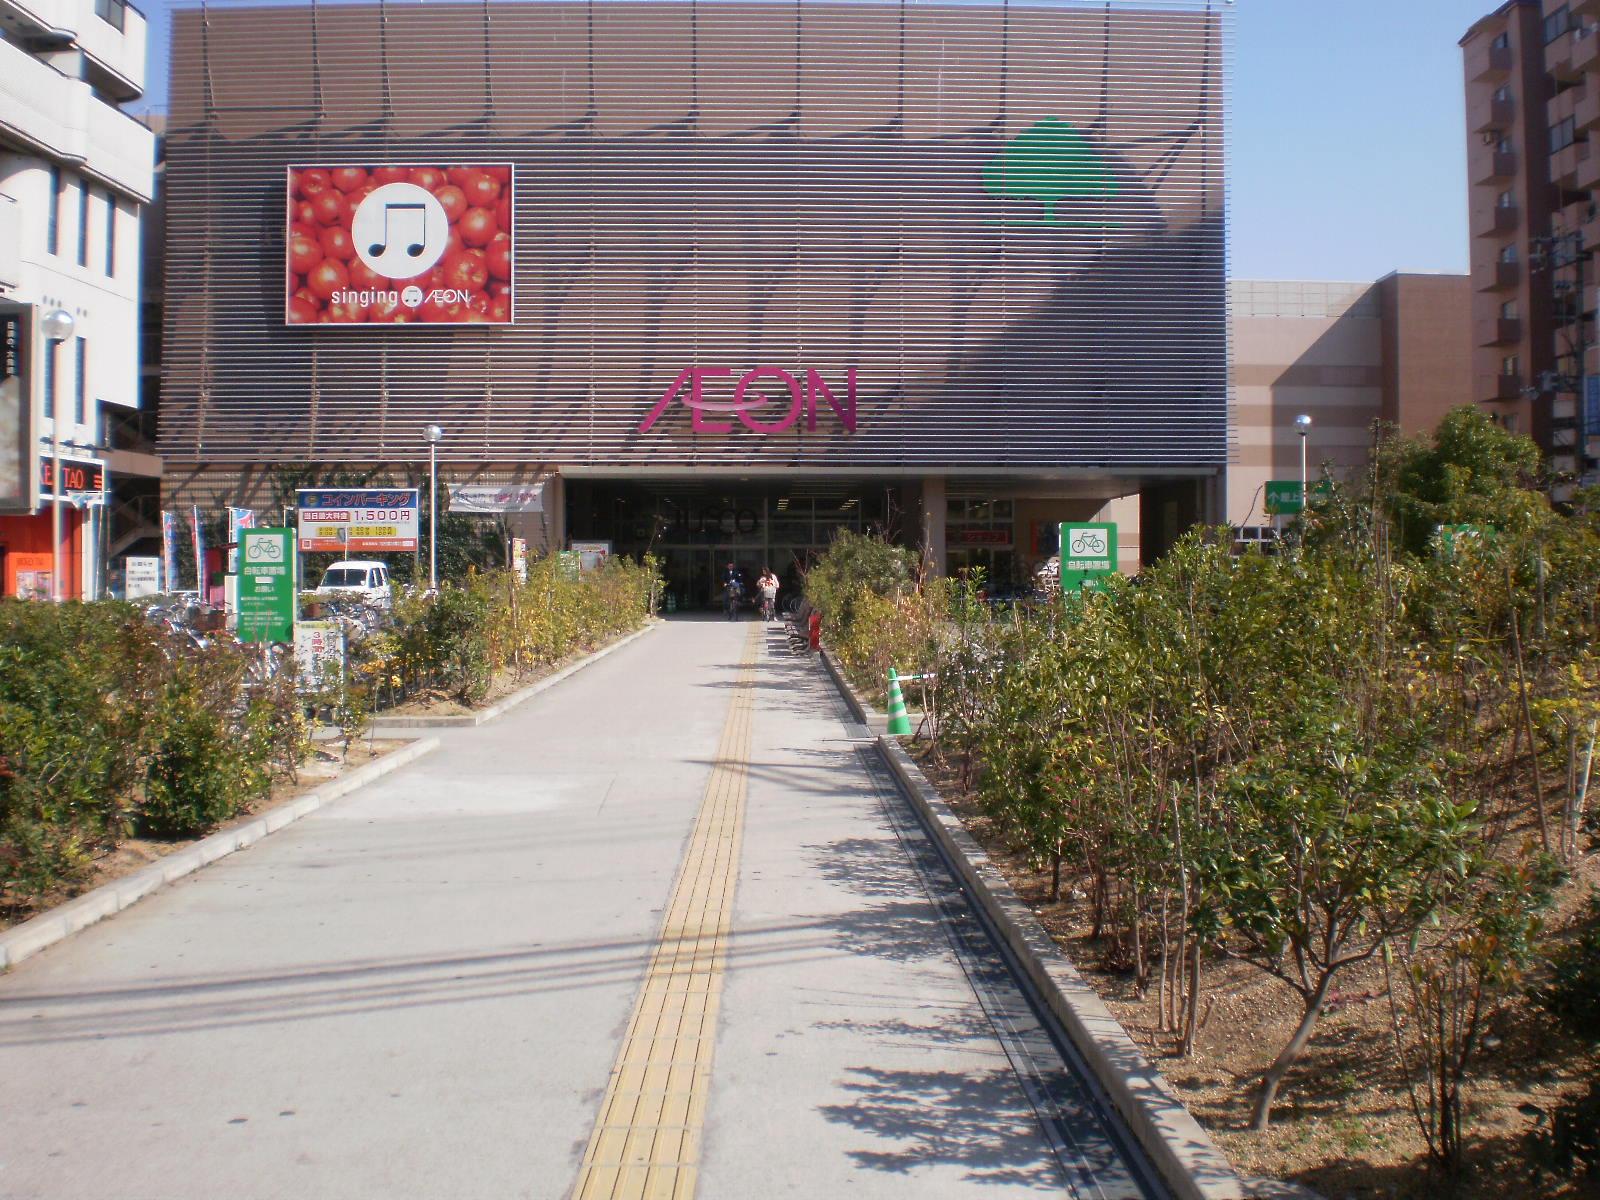 ショッピングセンター ライトオン喜連瓜破イオン店(ショッピングセンター)まで1019m